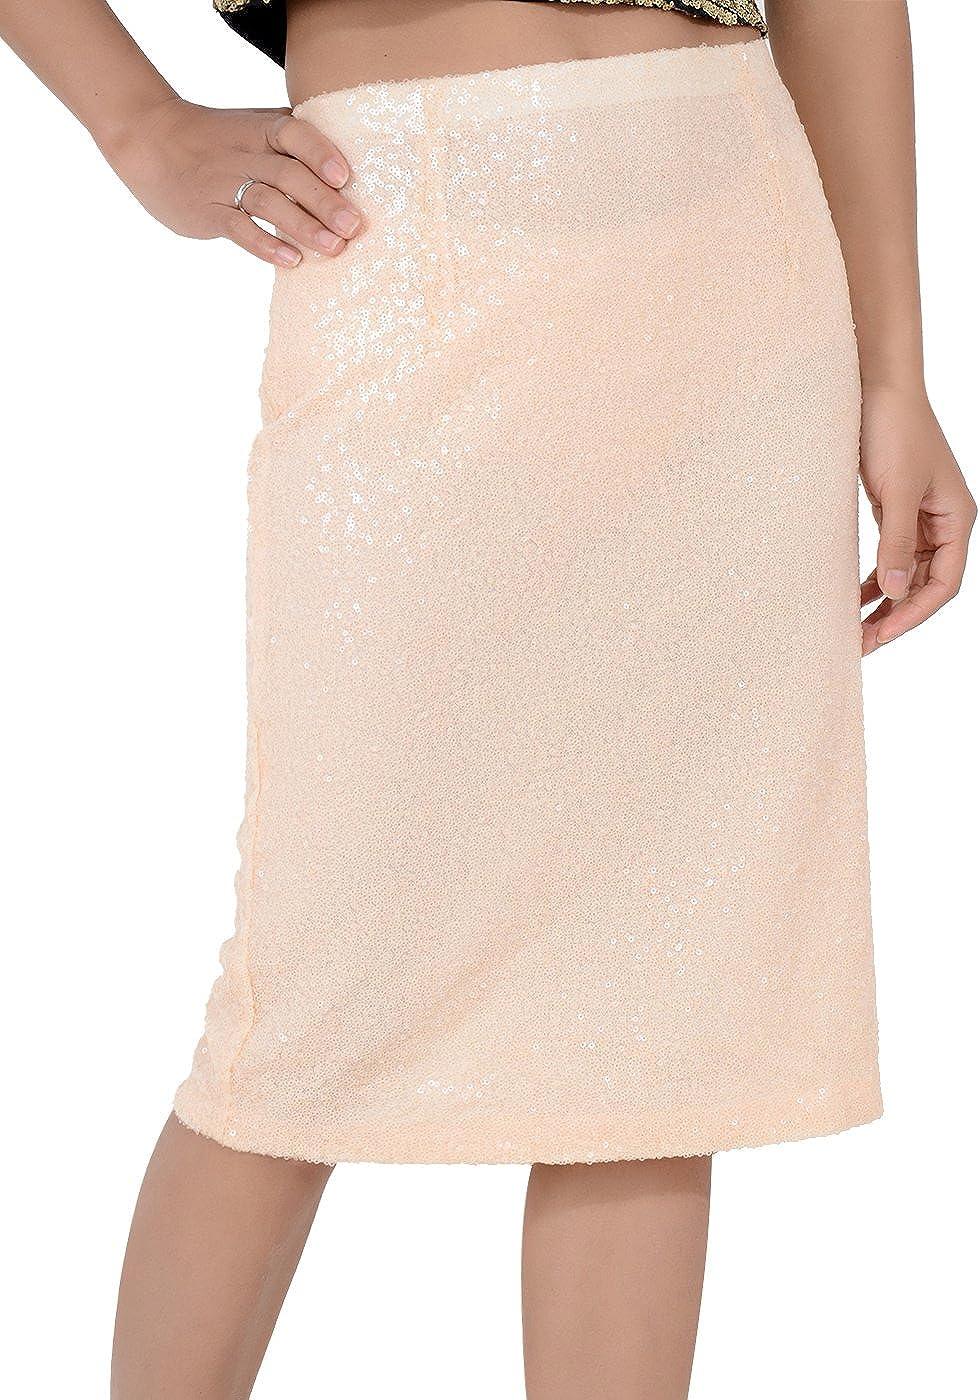 Anna-Kaci Womens Peach Sequin High Waisted Knee Length Pencil Skirt